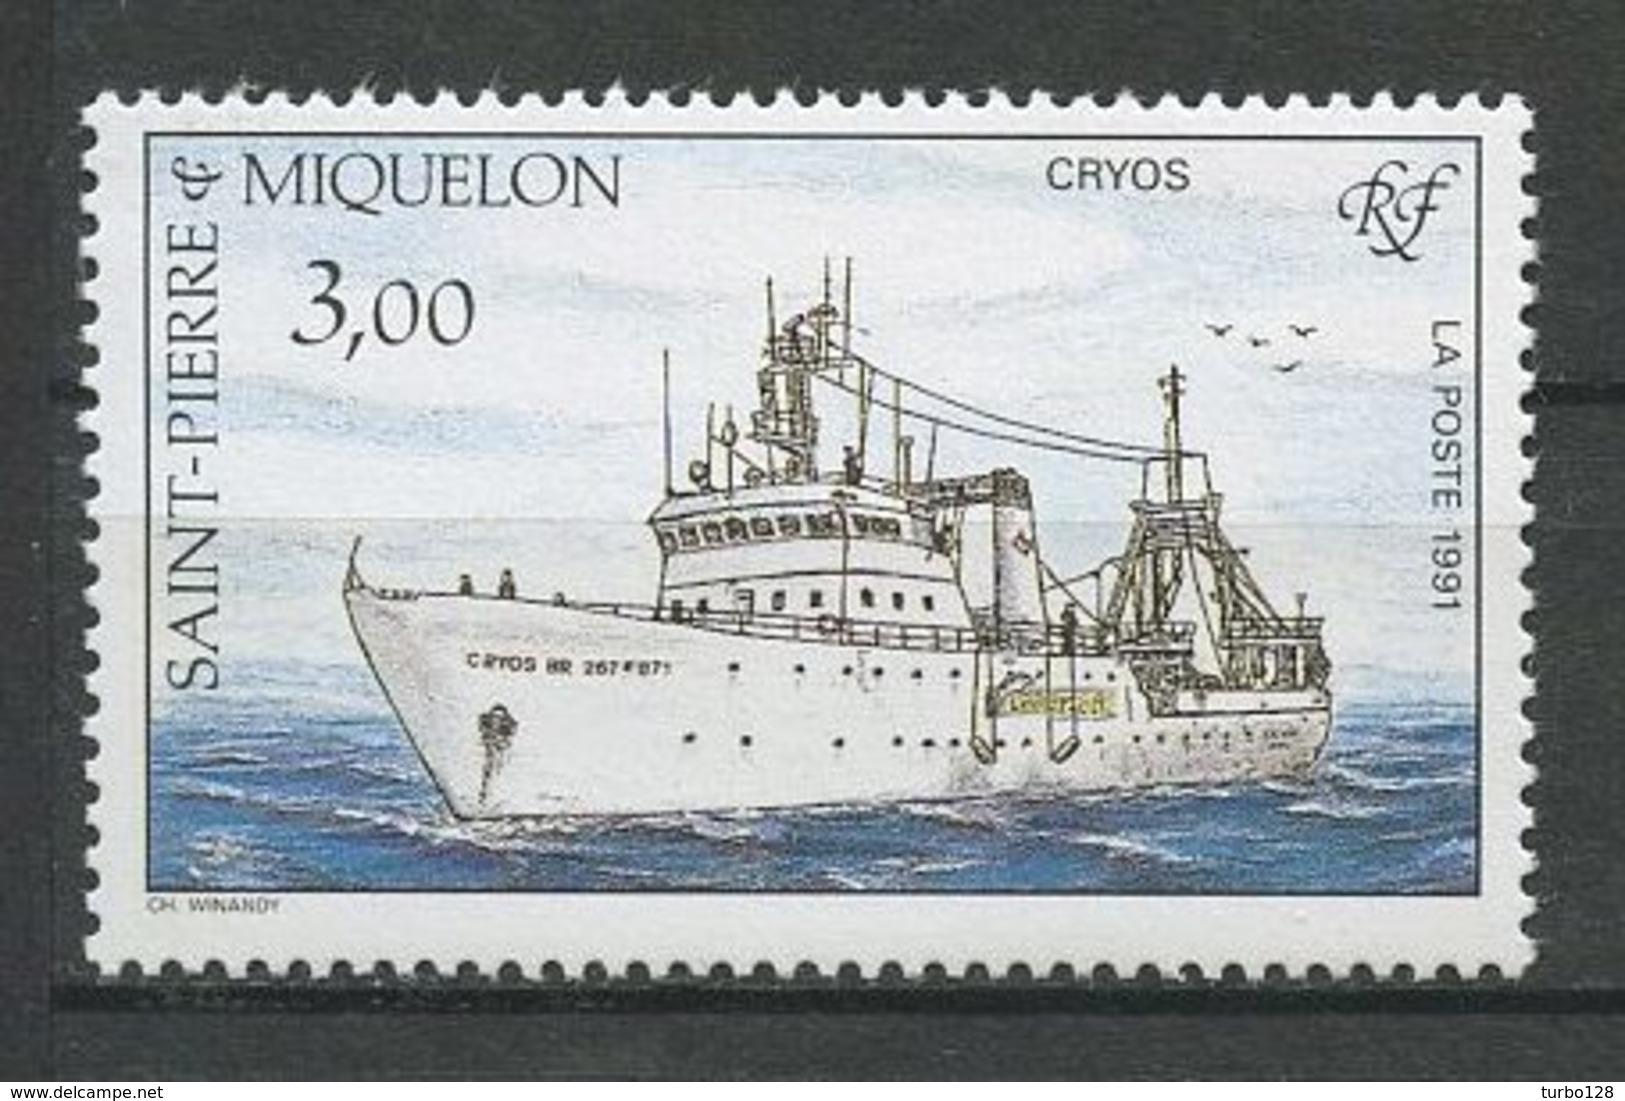 SPM MIQUELON 1991 N° 550 ** Neuf MNH Superbe  C 1.60 € Bateaux Le Cryos Boats Ships Pêche Fishes - St.Pierre Et Miquelon